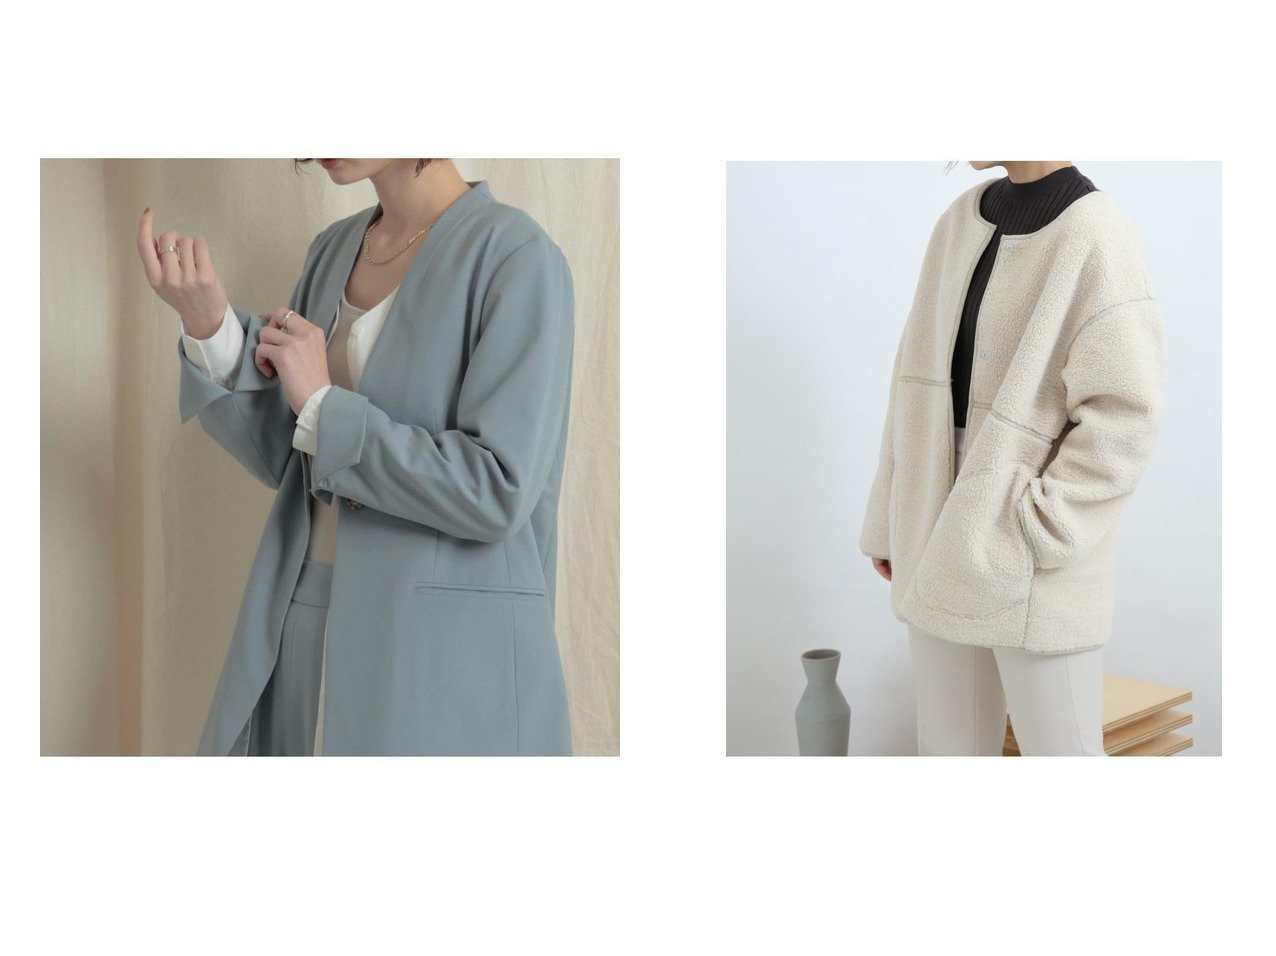 【SENSE OF PLACE / URBAN RESEARCH/センス オブ プレイス】の【WEB限定】リバーシブルボアジャケット&ノーカラージャケット アウターのおすすめ!人気、トレンド・レディースファッションの通販 おすすめで人気の流行・トレンド、ファッションの通販商品 メンズファッション・キッズファッション・インテリア・家具・レディースファッション・服の通販 founy(ファニー) https://founy.com/ ファッション Fashion レディースファッション WOMEN アウター Coat Outerwear コート Coats ジャケット Jackets ノーカラージャケット No Collar Leather Jackets ジャケット セットアップ デコルテ トレンド ポケット 春 Spring ハイネック パイピング マフラー リバーシブル ルーズ ロング 人気  ID:crp329100000015458